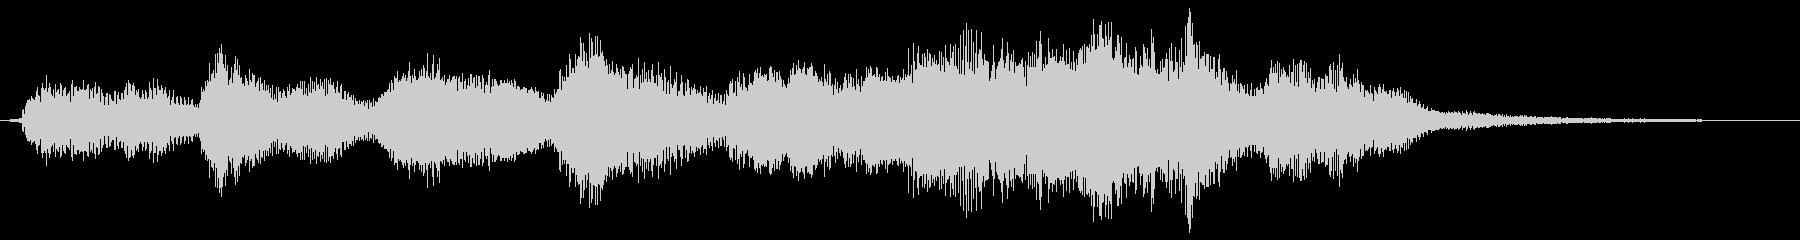 オーケストラとピアノのショートジングルの未再生の波形